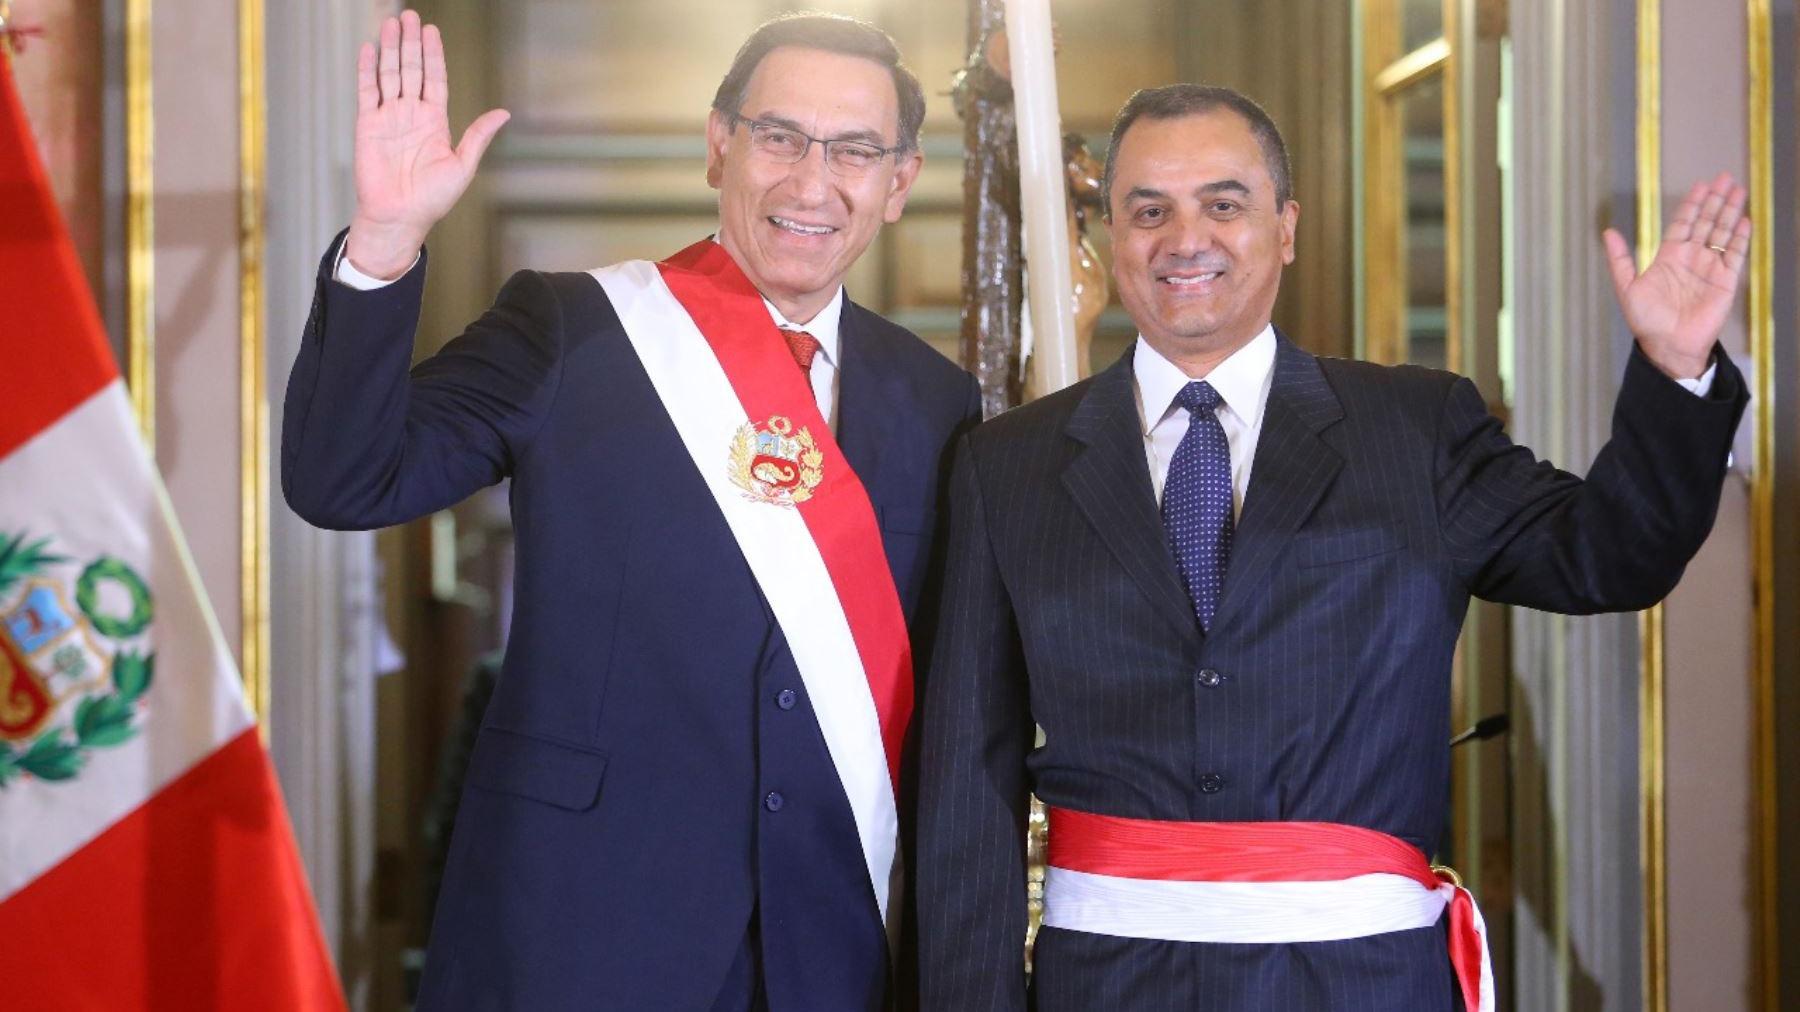 Carlos Oliva juró como ministro de Economía y Finanzas.